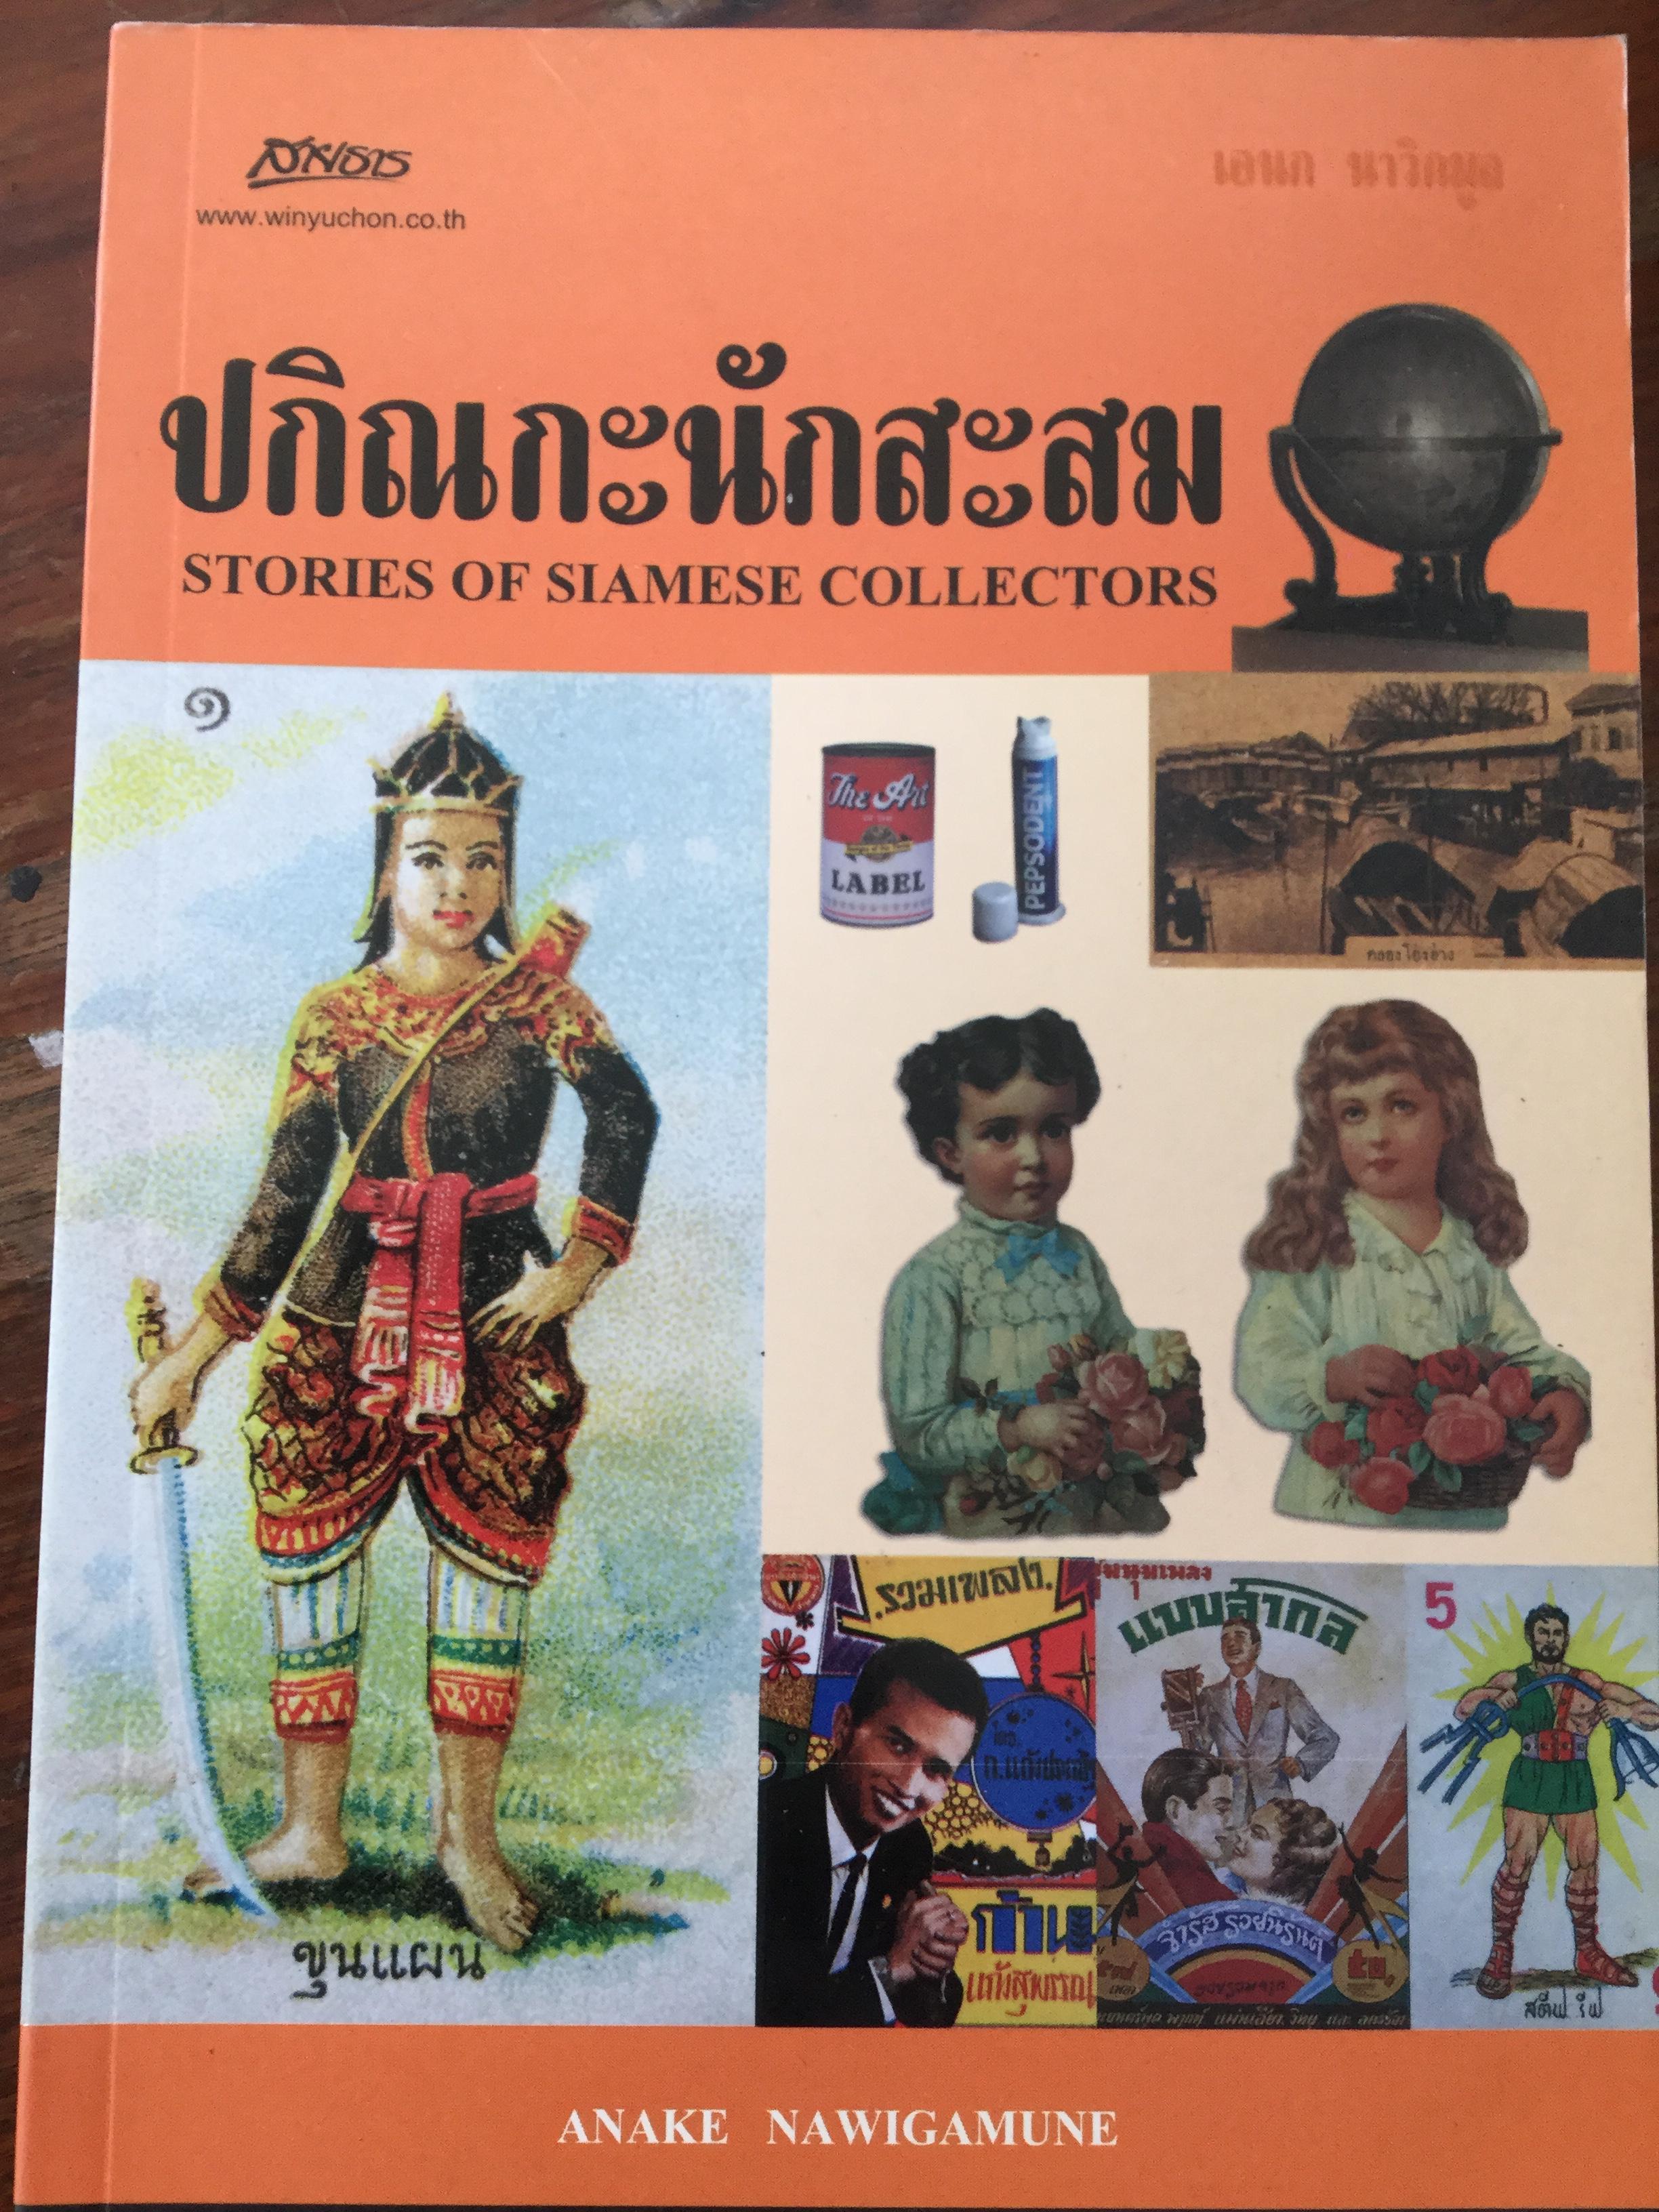 ปกิณกะนักสะสม Stories of Siamese Collectors โดย เอนก นาวิกมูล